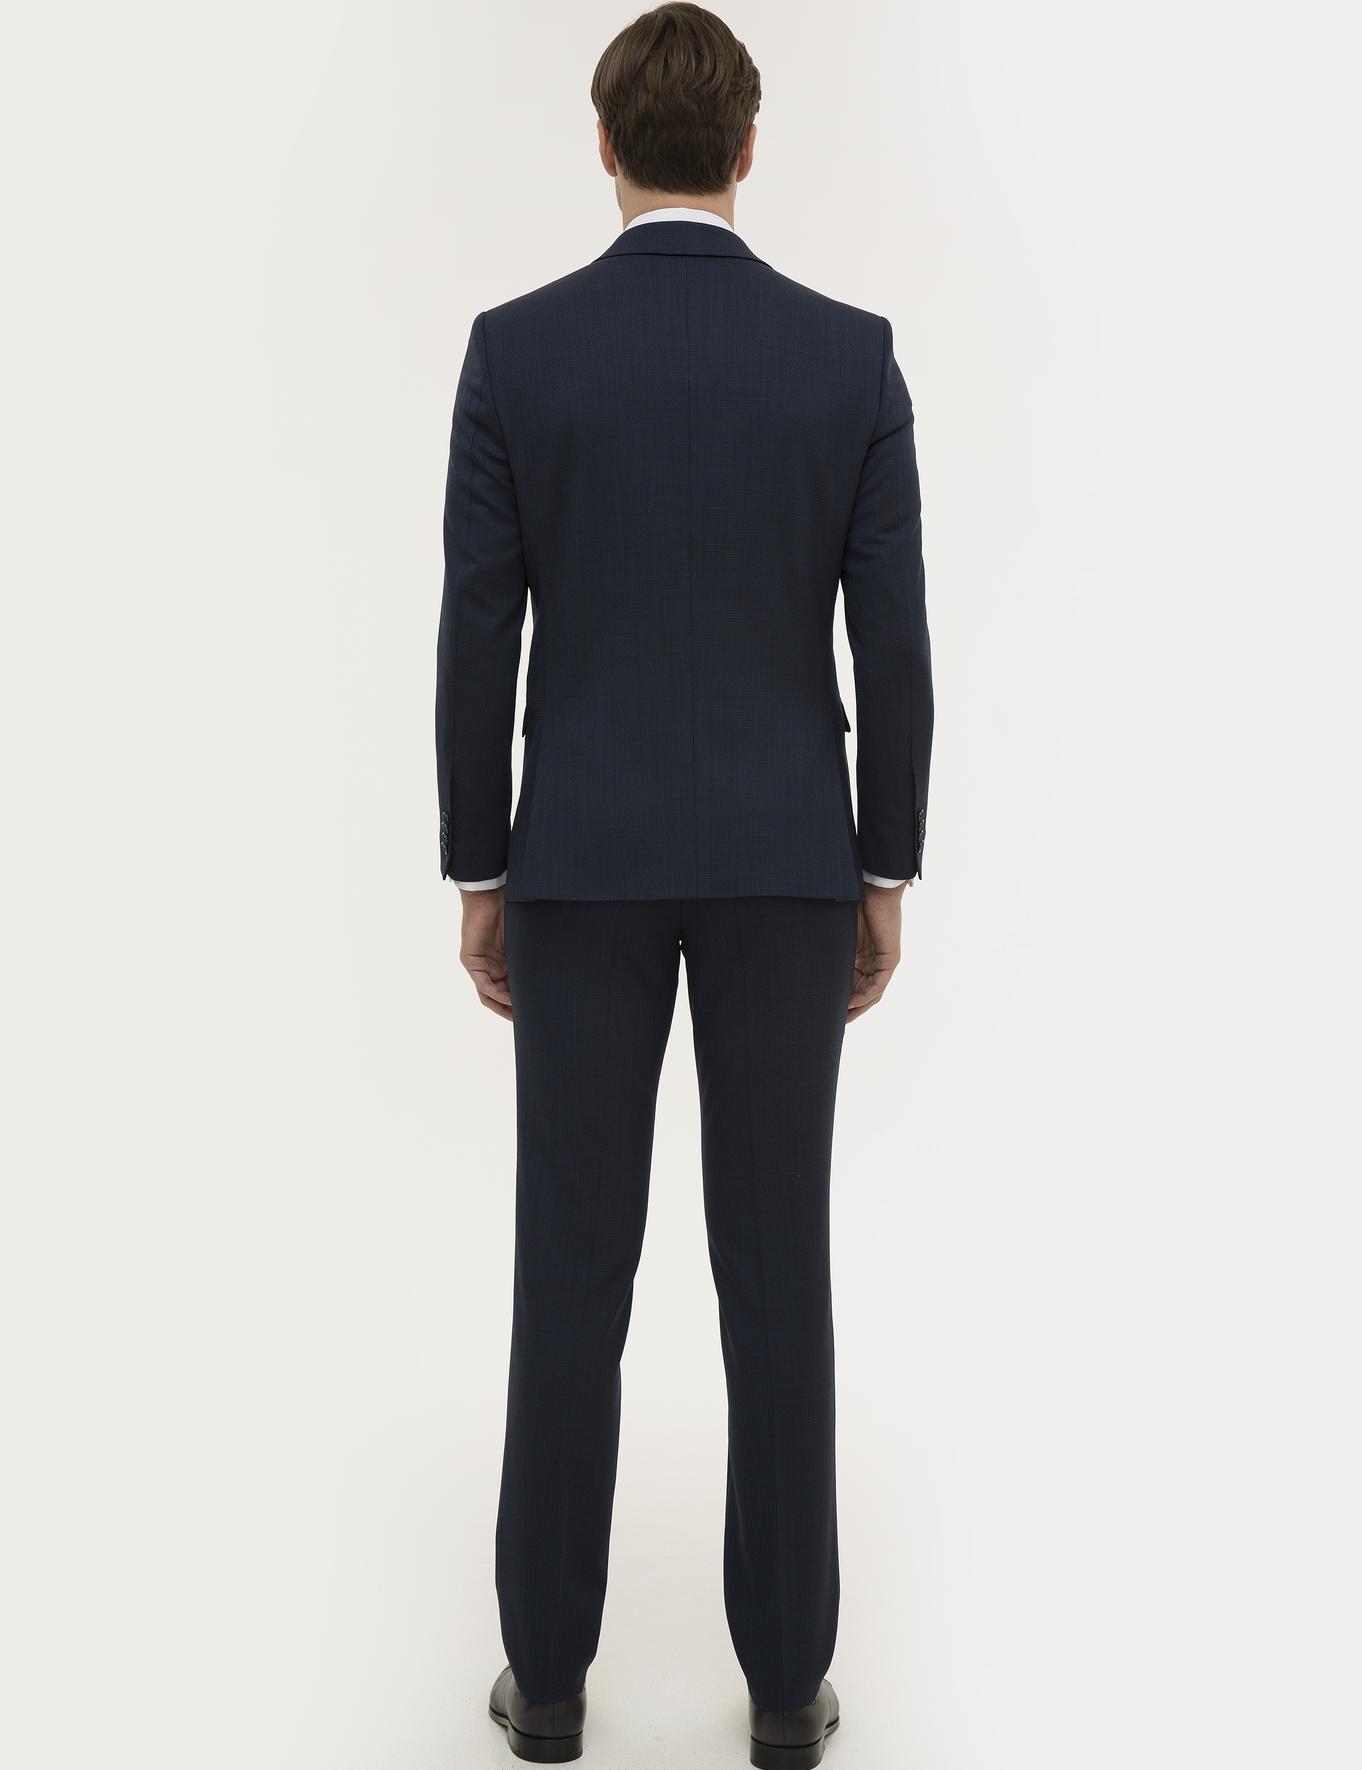 Lacivert Slim Fit Takım Elbise - 50219265008